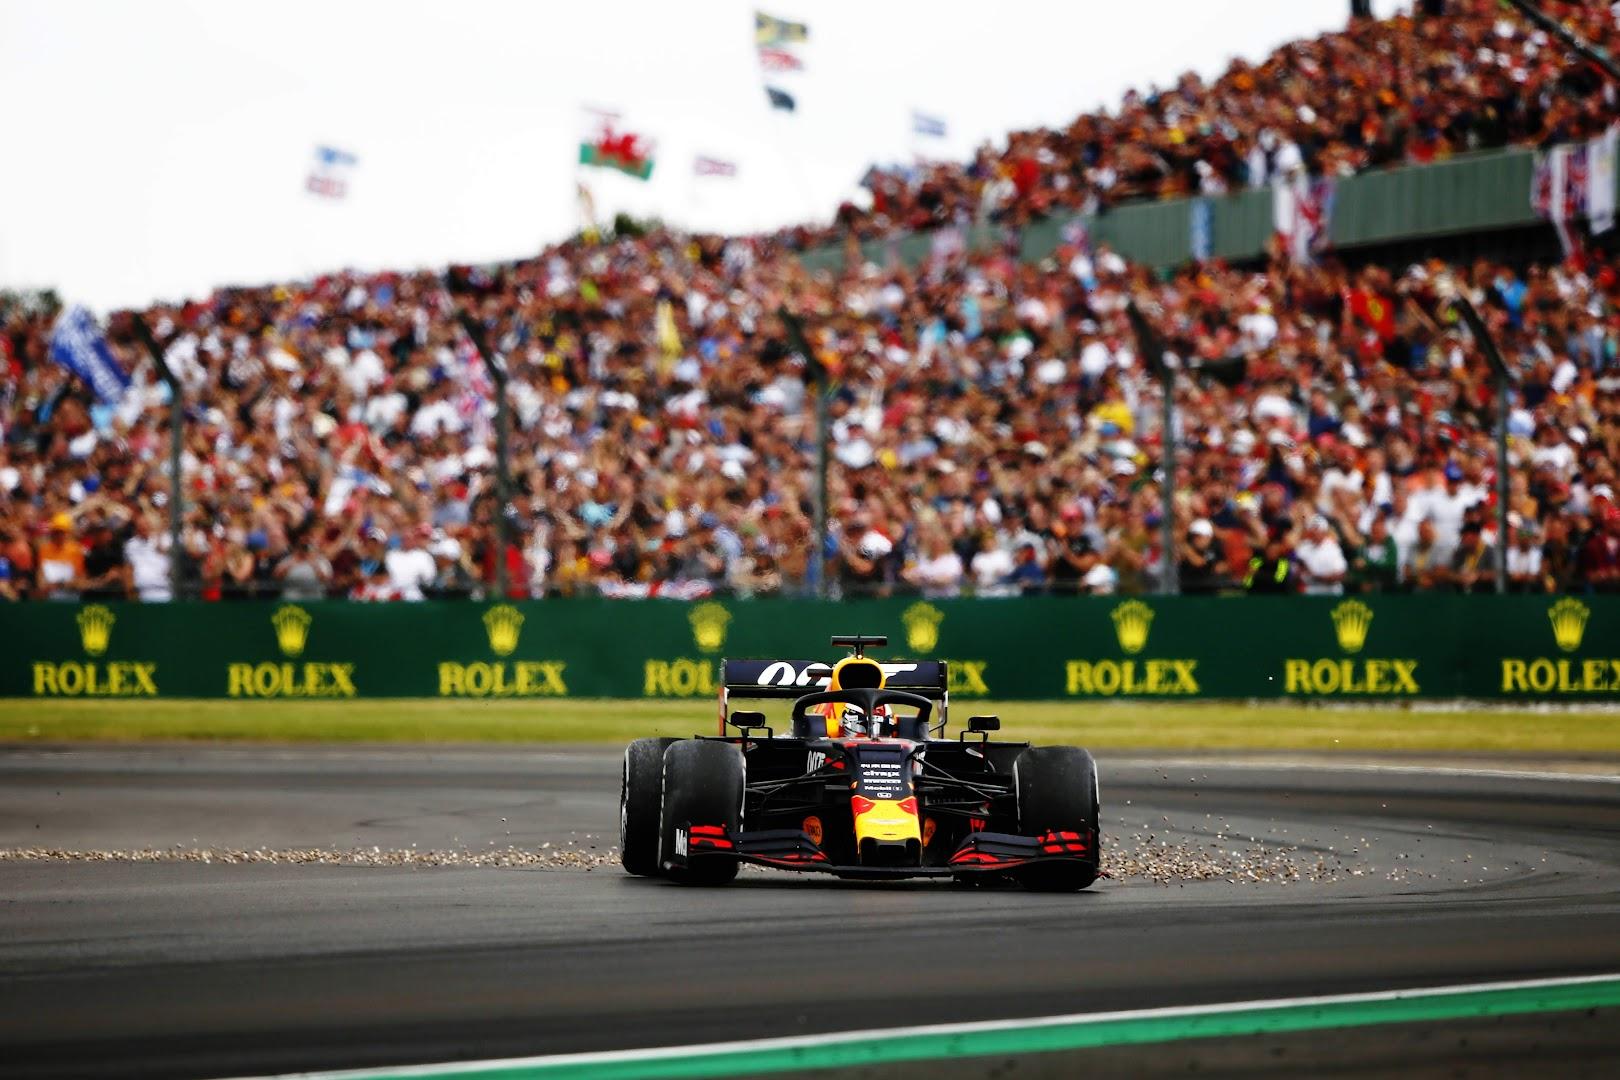 F1第10戦イギリスGPコース復帰したフェルスタッペン